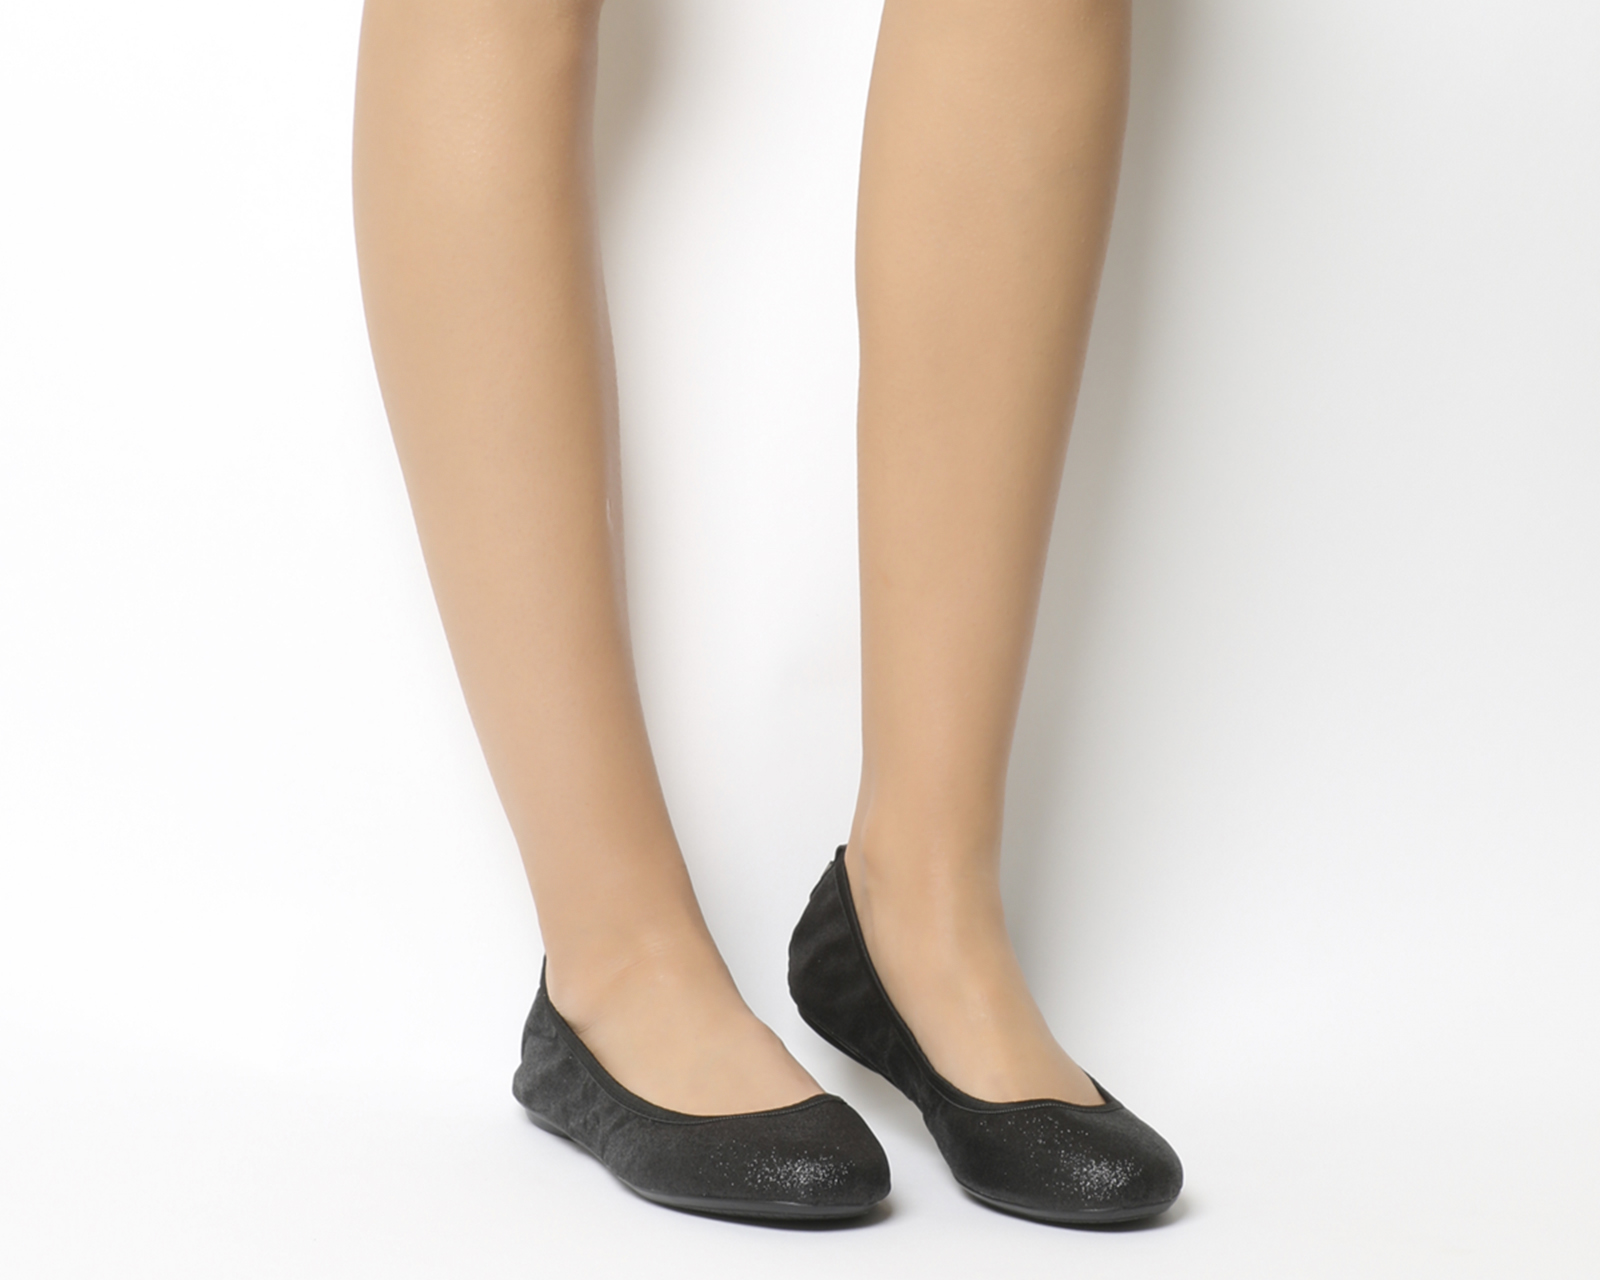 af18990ffe4d Womens Butterfly Twists Sophia Pumps Black Flats. Butterfly Twists Twist  Ballet Shoes ...